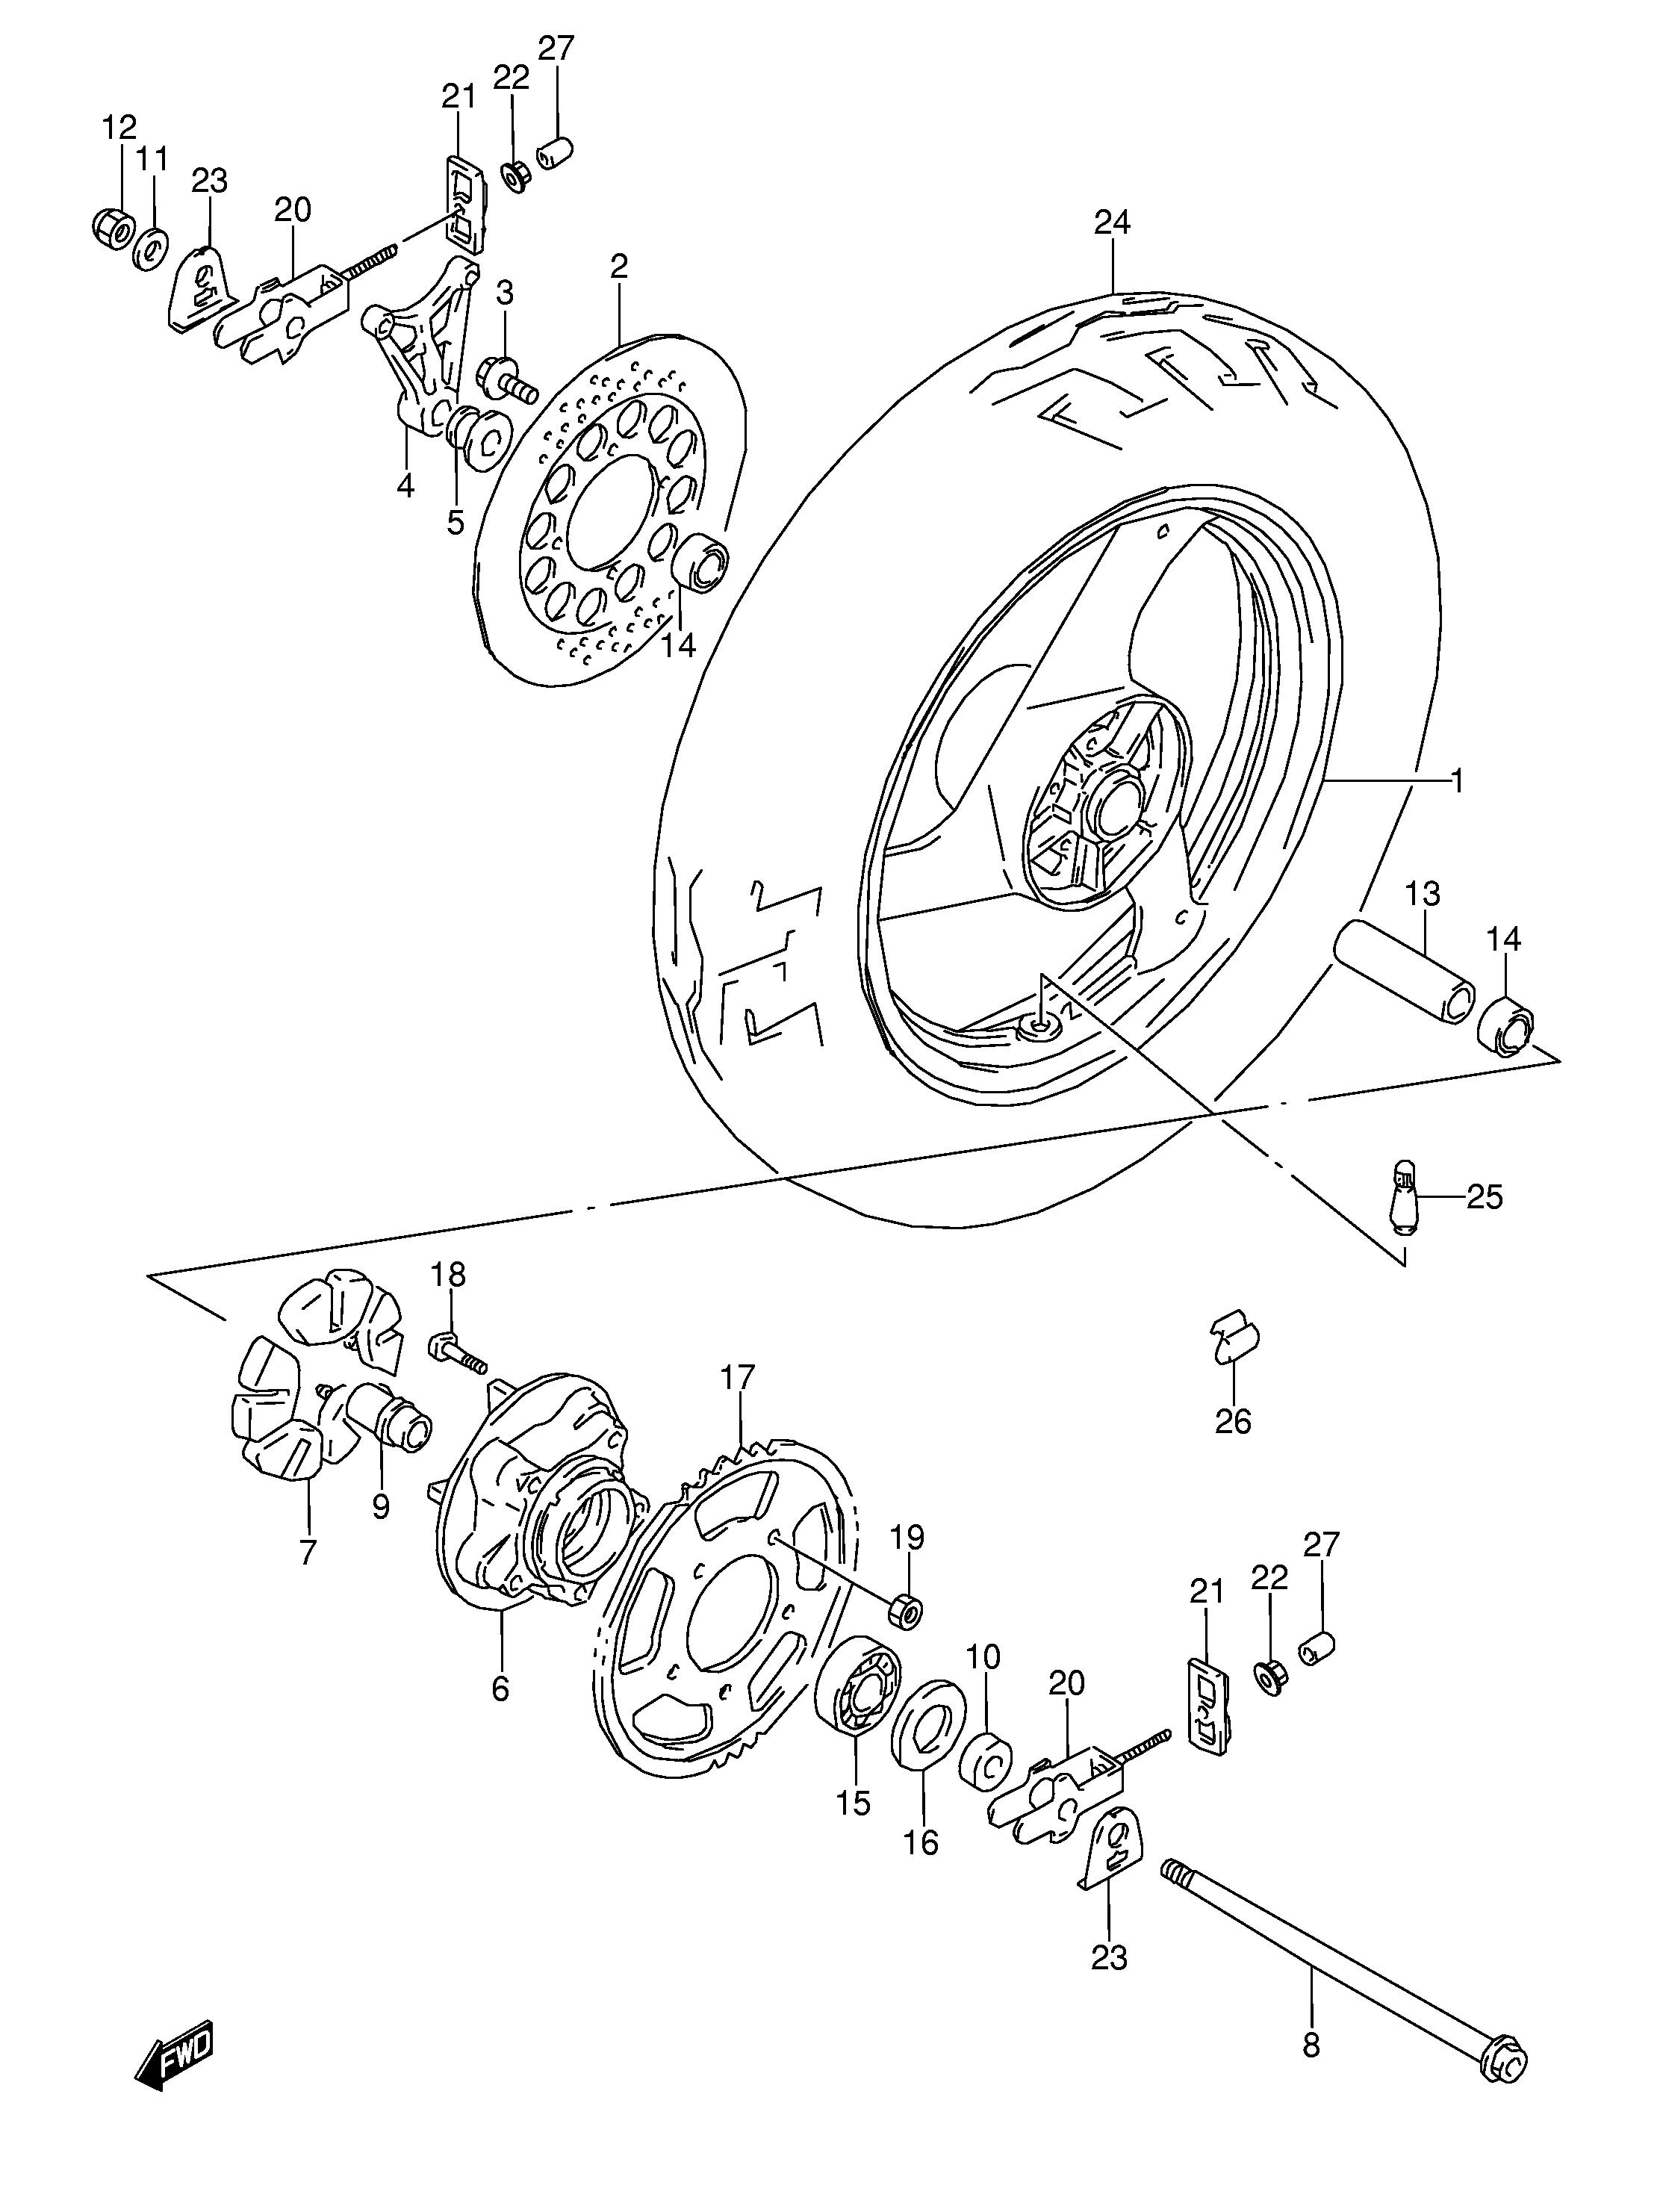 2003 Suzuki Gz250 Complete Wiring Harness Diagram